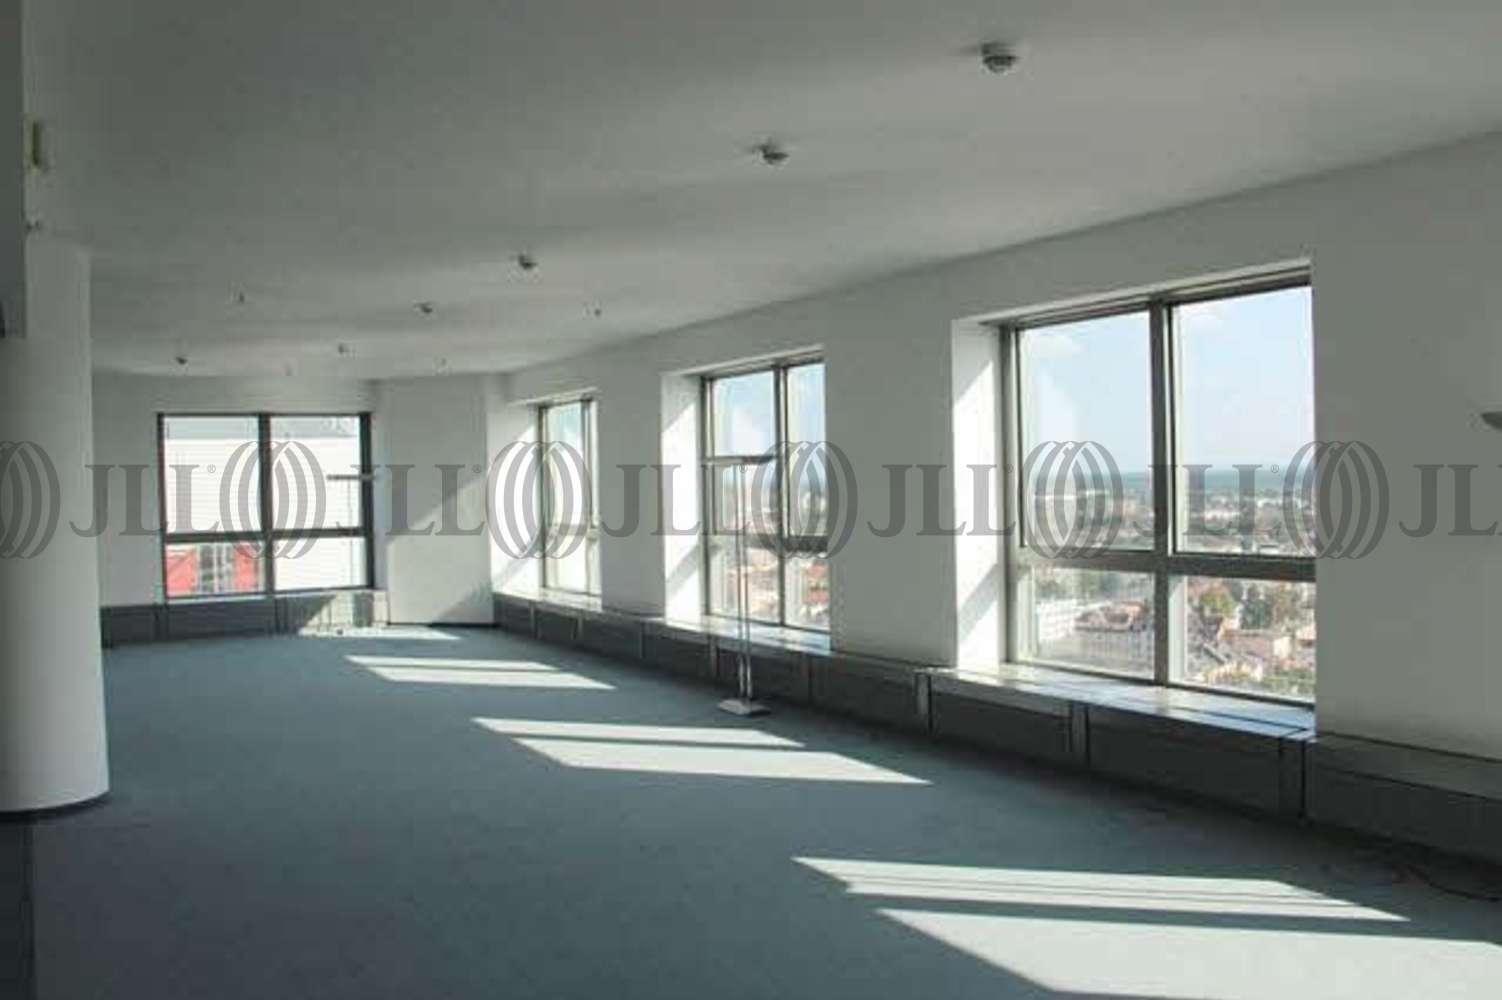 Büros Offenbach am main, 63065 - Büro - Offenbach am Main - D0010 - 10442826